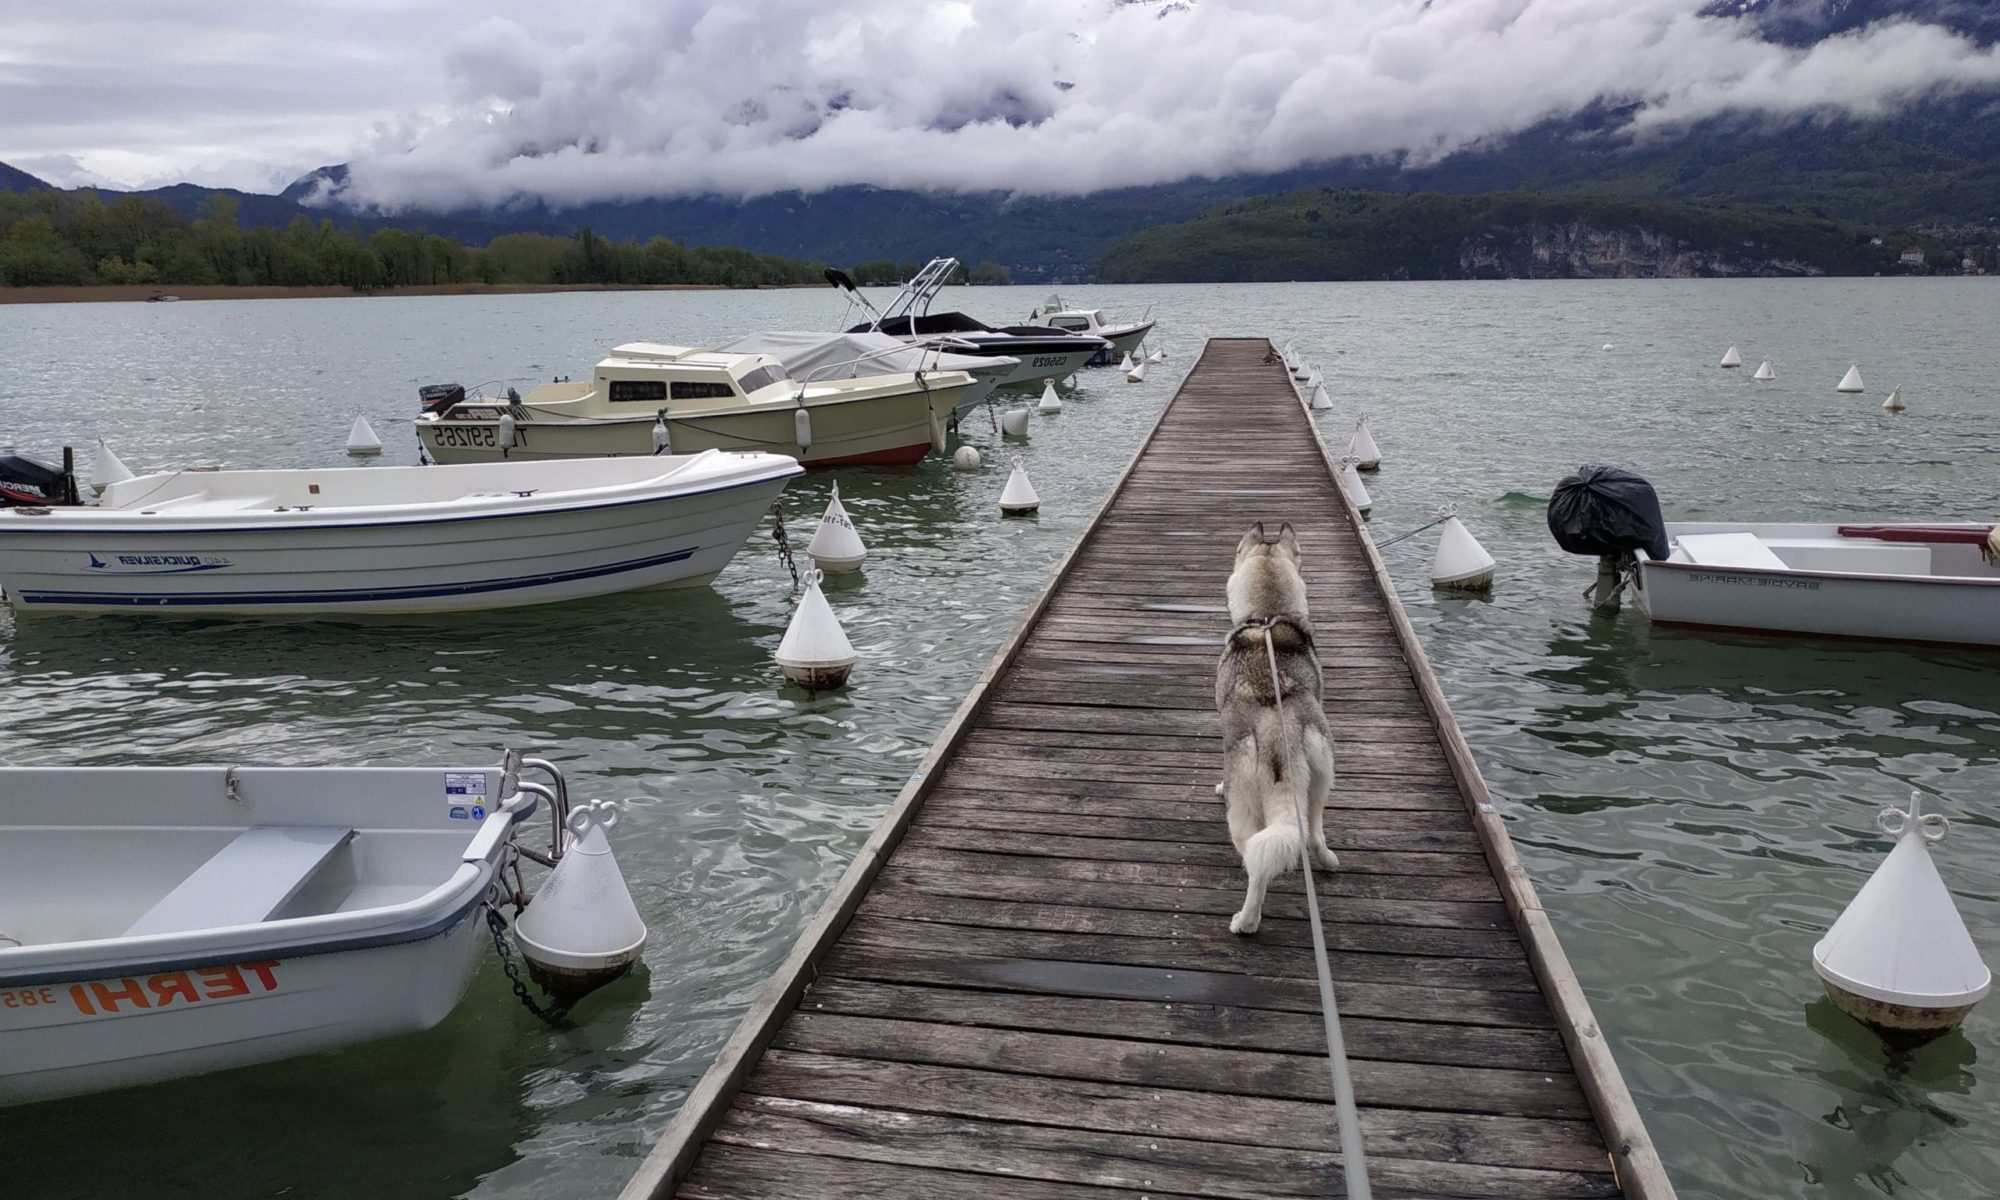 Ô chiens urbains @Annecy